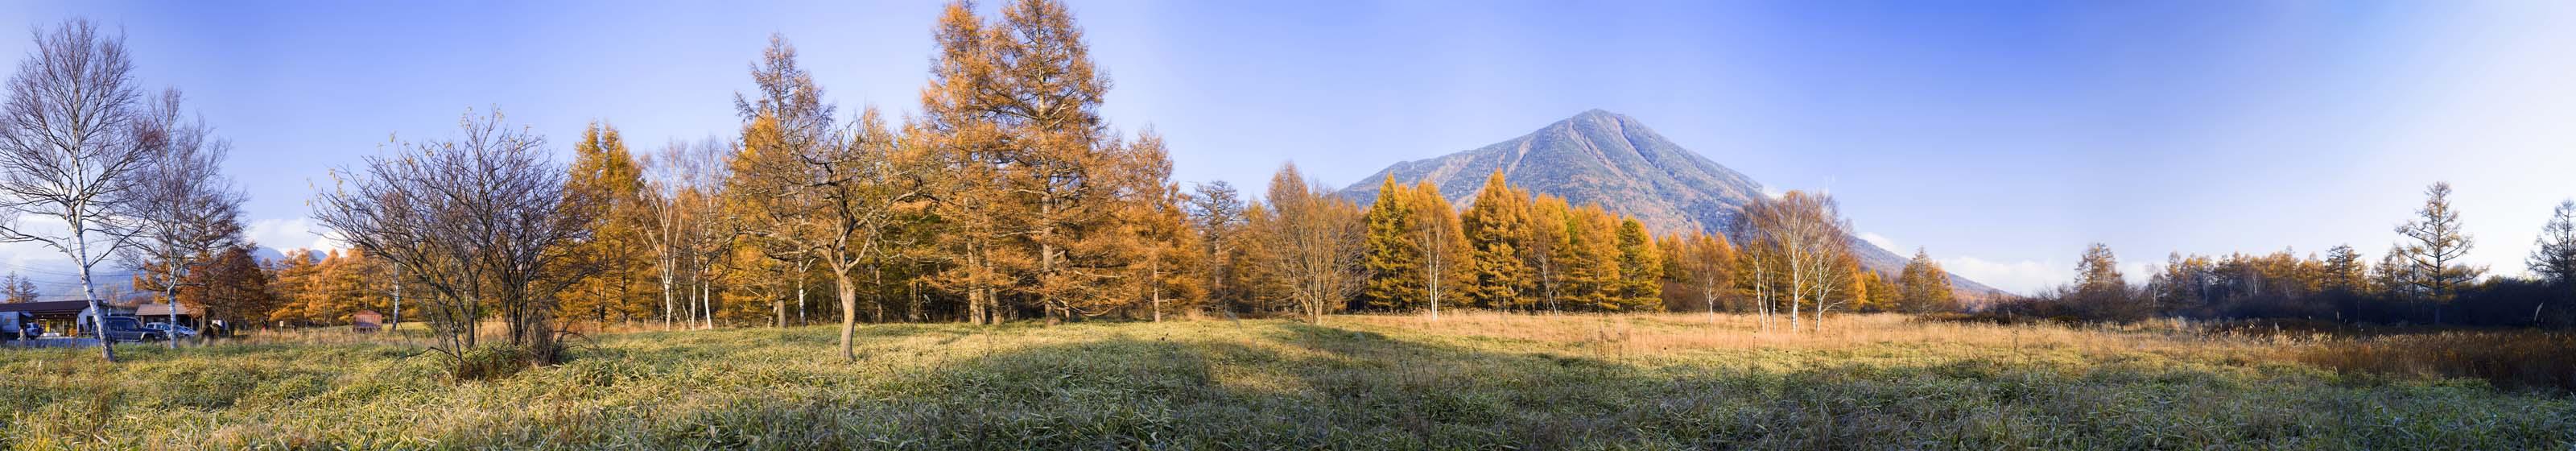 fotografia, materiale, libero il panorama, dipinga, fotografia di scorta,Senjogahara in fine di autunno, Mt. figura maschia, Foglie colorate, Panoramcomposition, Panorama